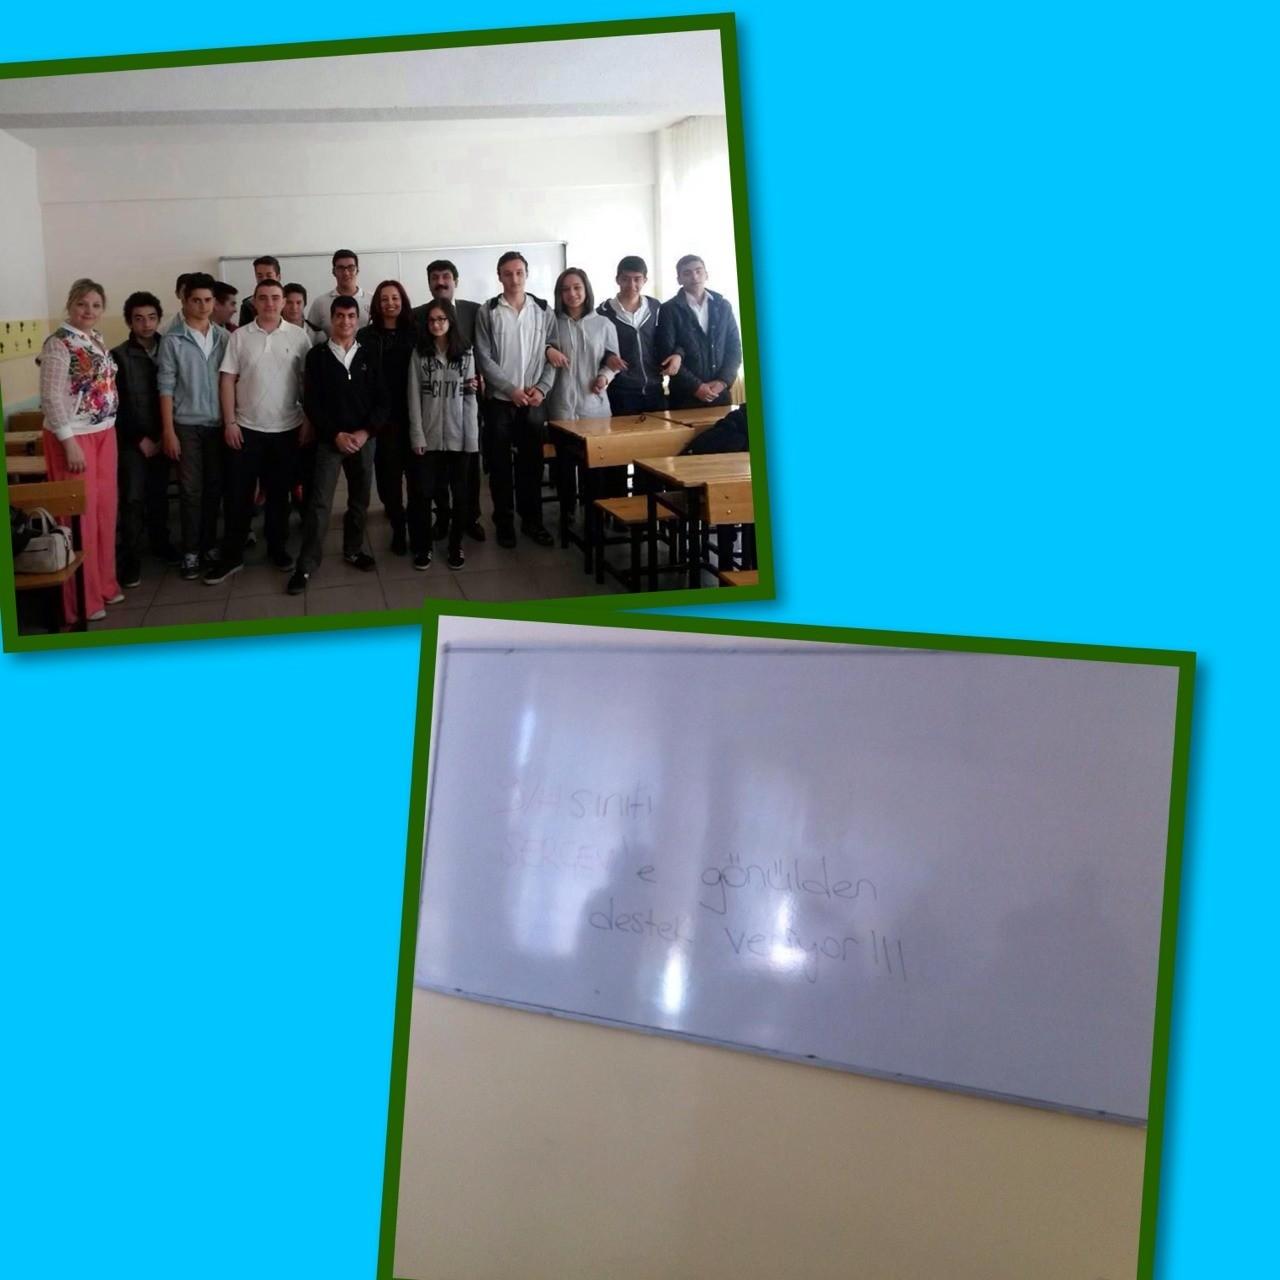 SERÇEV,Okullarda serebral palsiyi tanıtmaya devam ediyor... Serçev,karakusunlar İMKB mesleki ve teknik Anadolu lisesi 9/H sınıfında dernek tanıtımıyla başlayarak,kaynaştırmanın önemi ve serebral palsi hakkında bilgilendirme semineri gerçekleştirilmiştir...